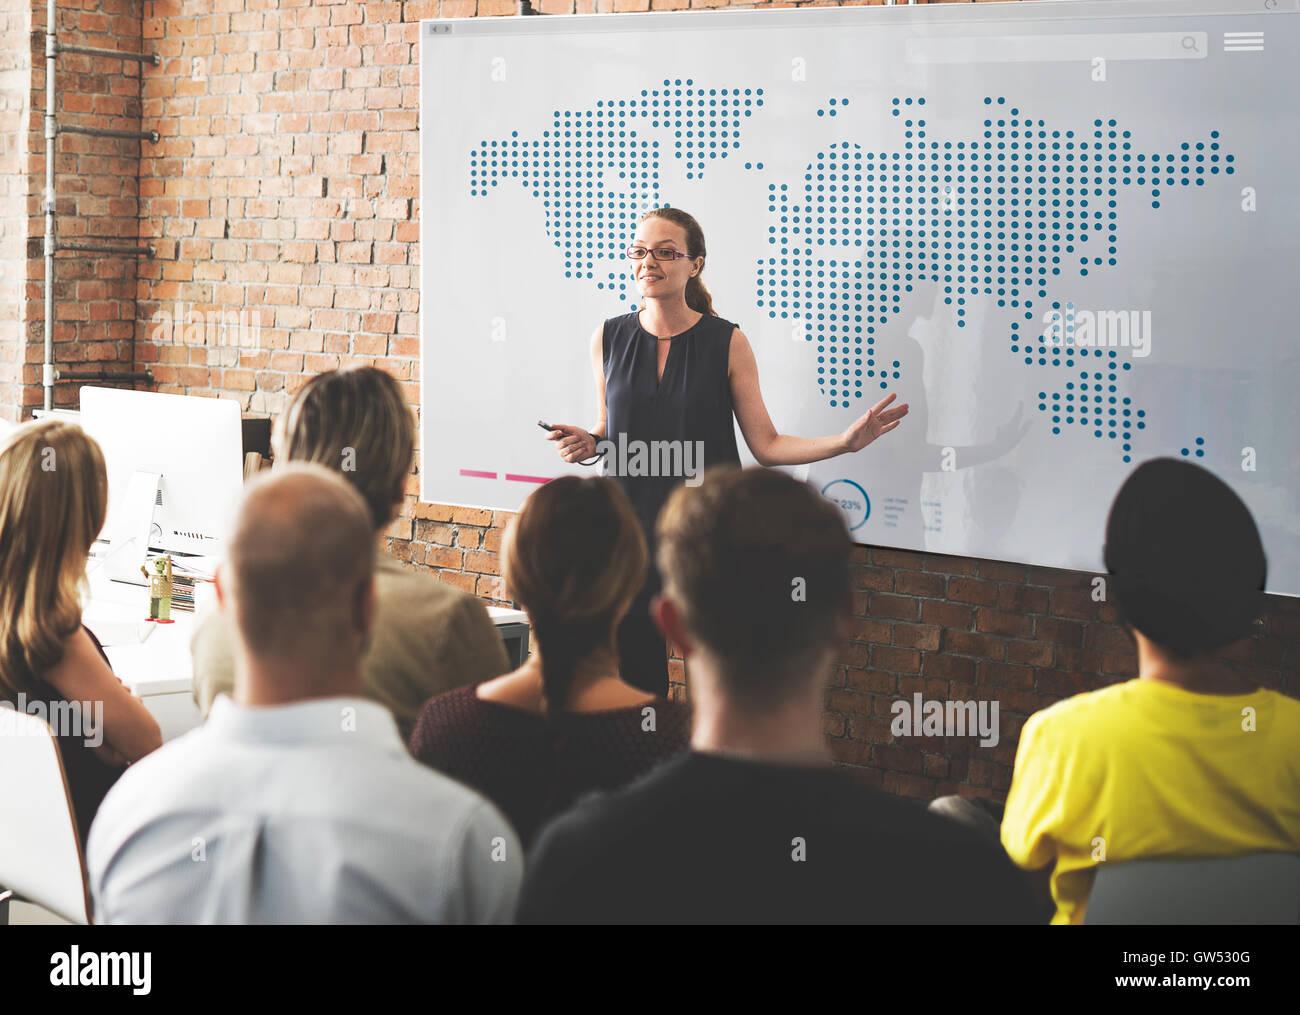 La cartographie mondiale Global Business Communication Concept Photo Stock